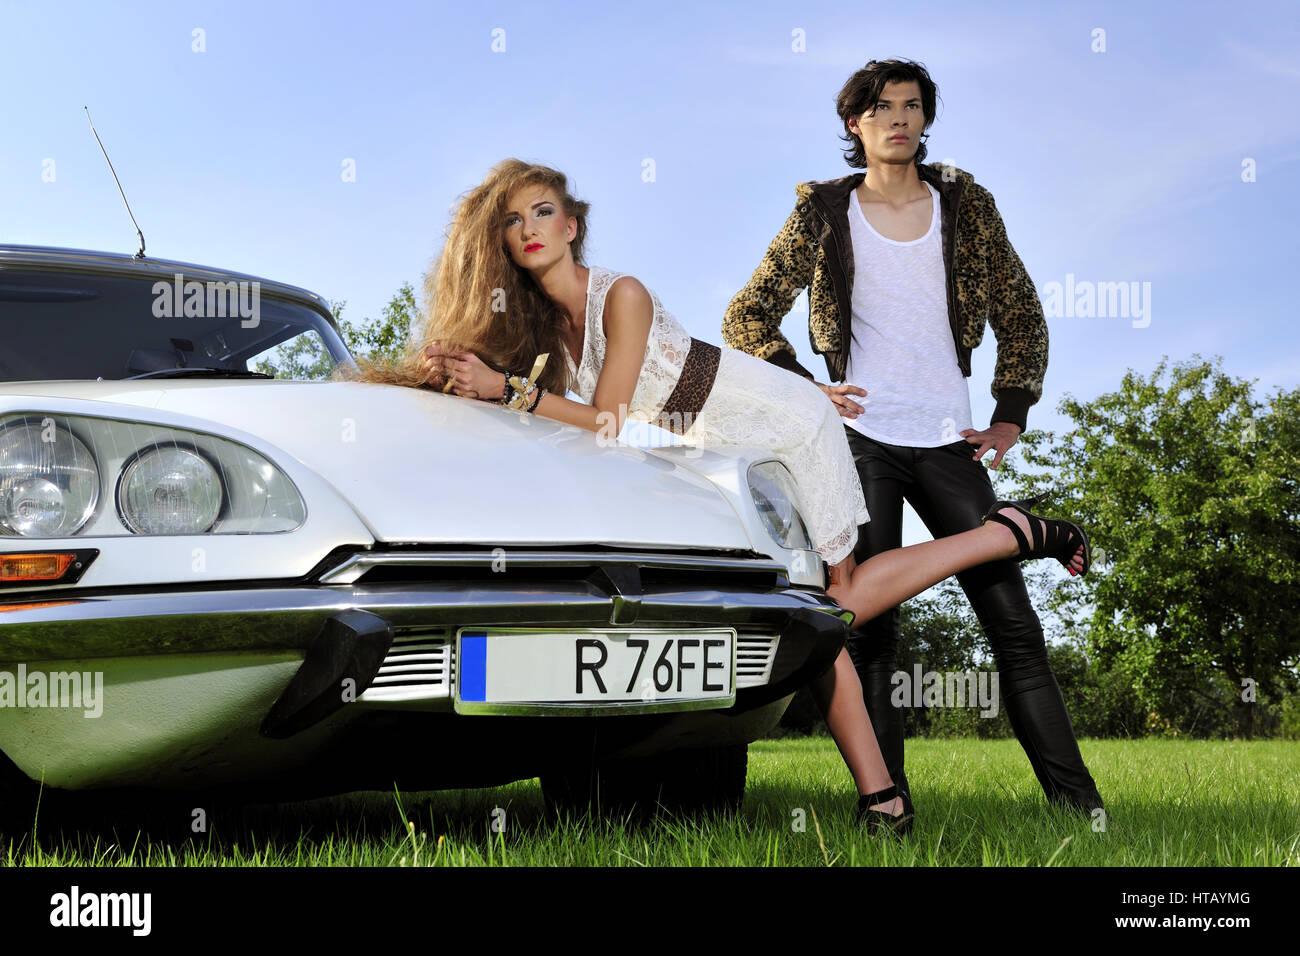 Auch Ihr Auto kann flirten